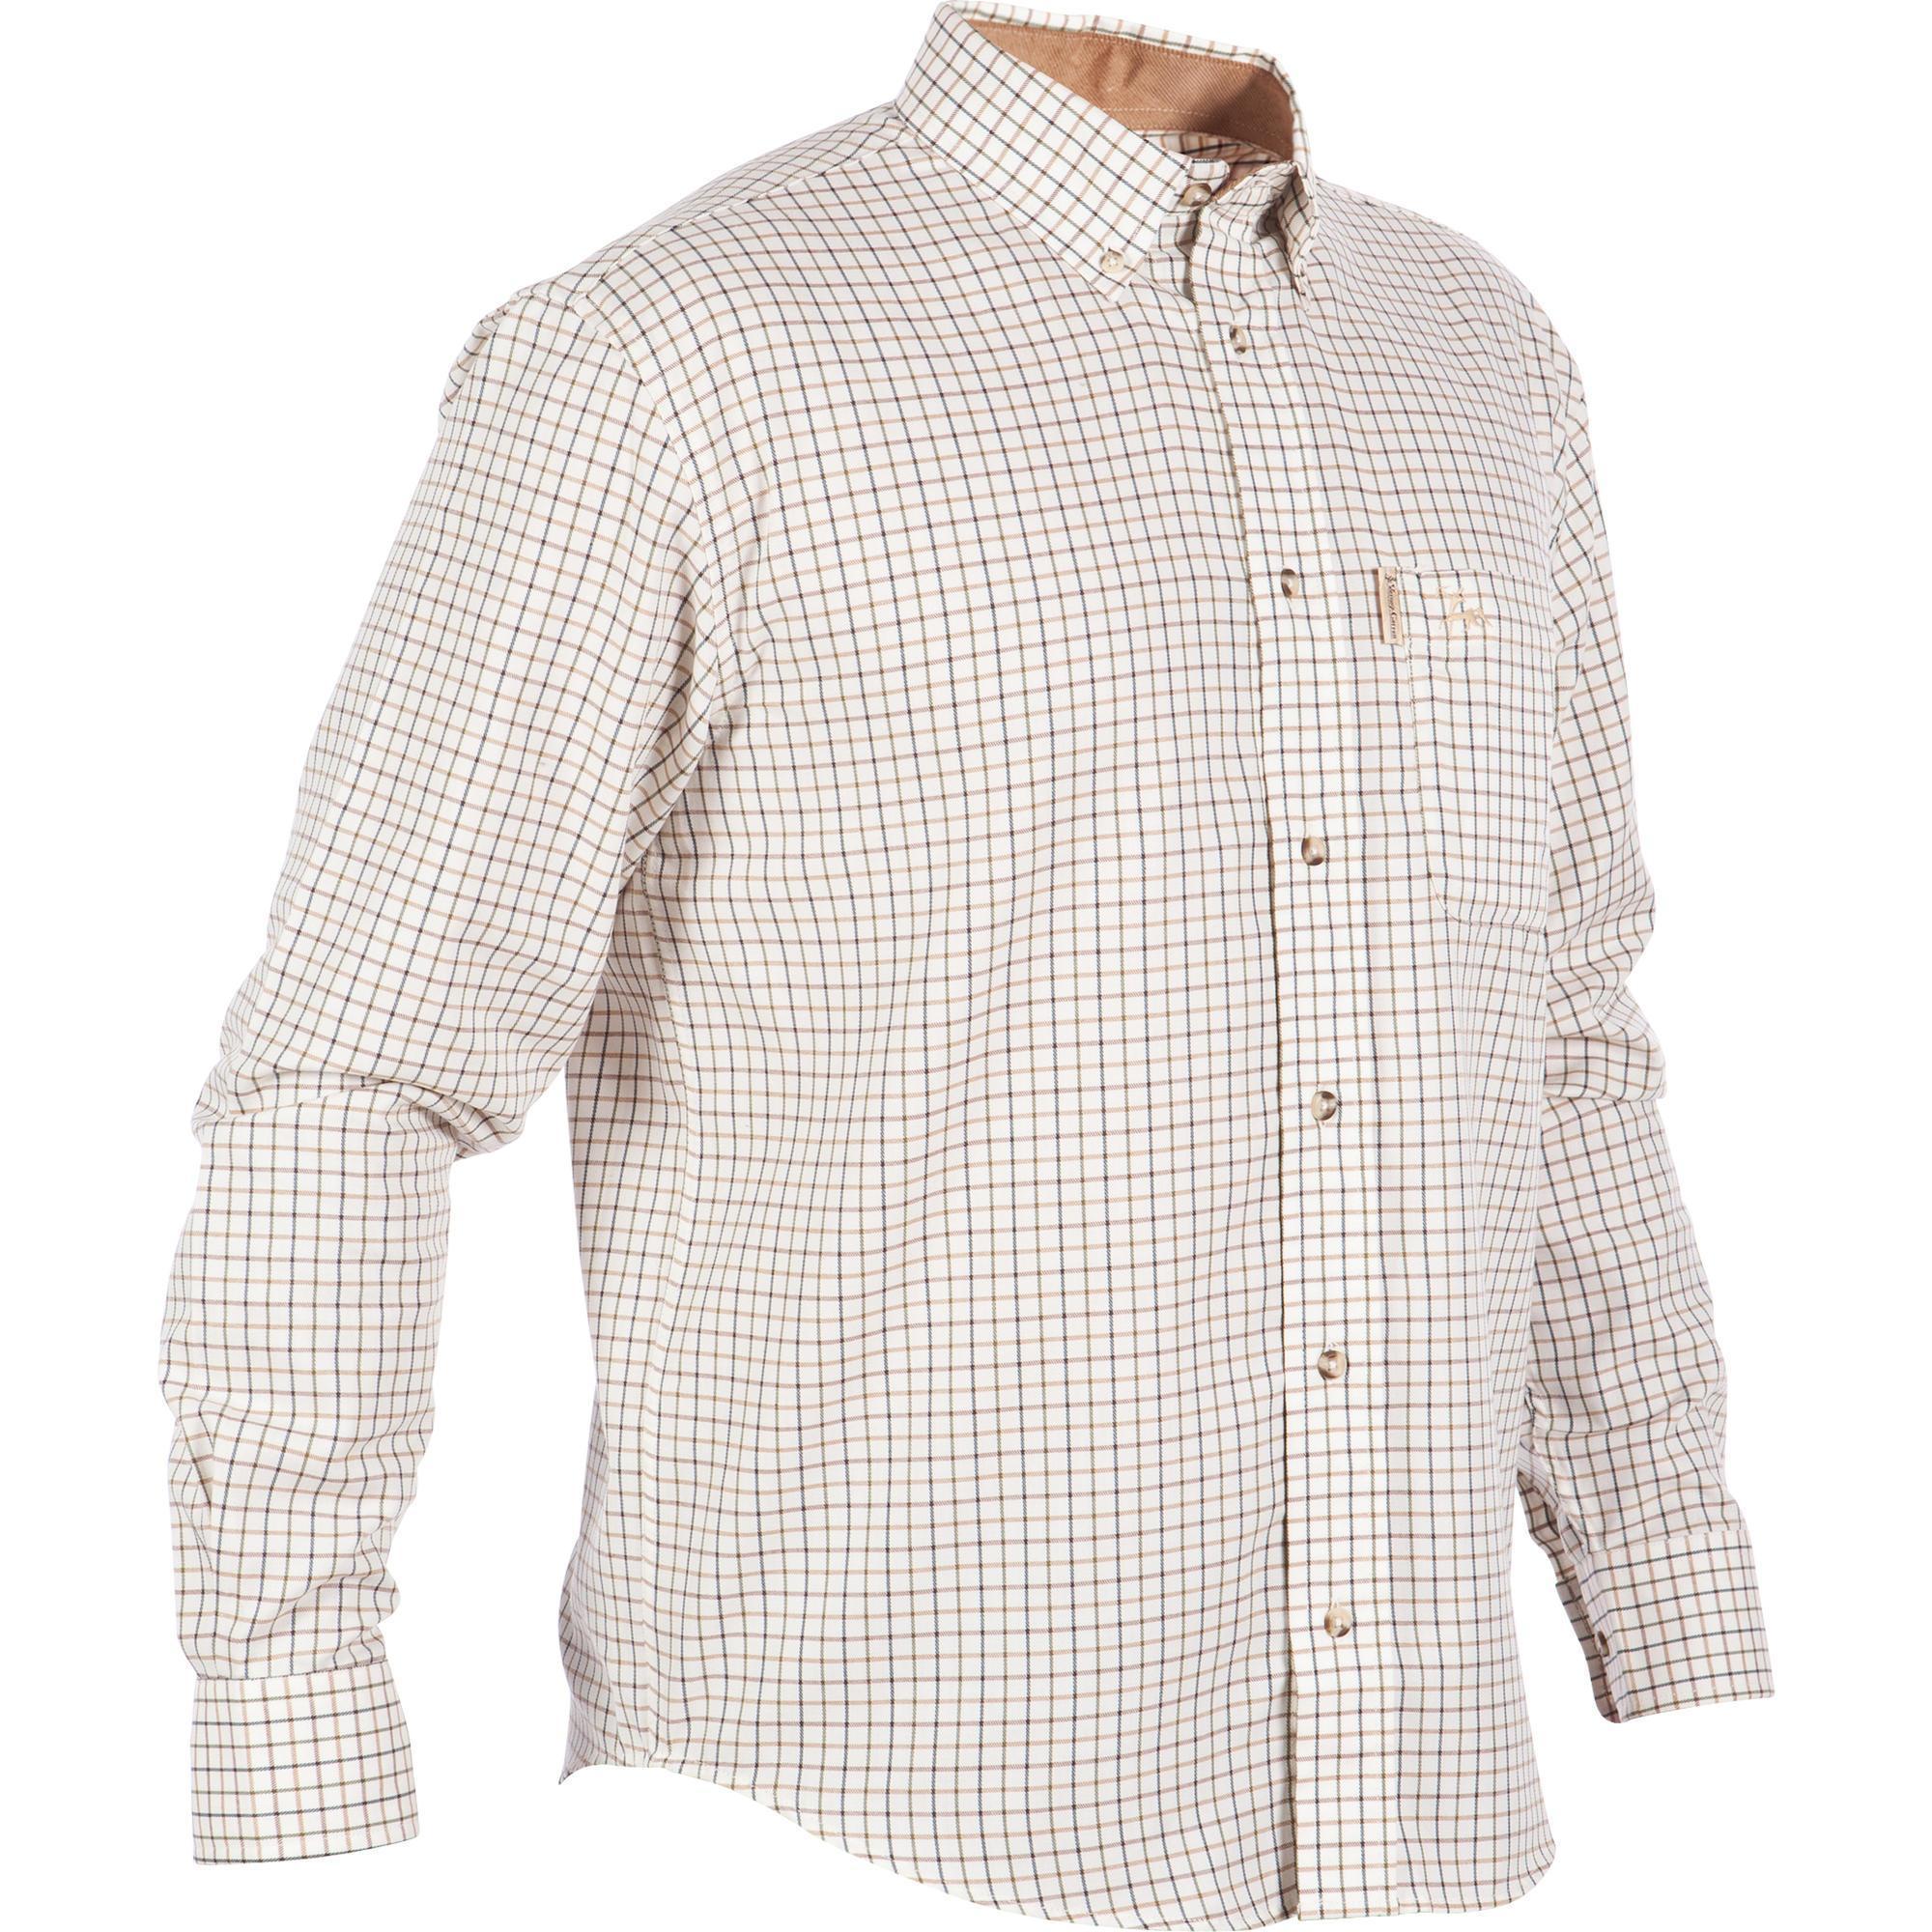 Verney Overhemd voor de jacht Montrieux